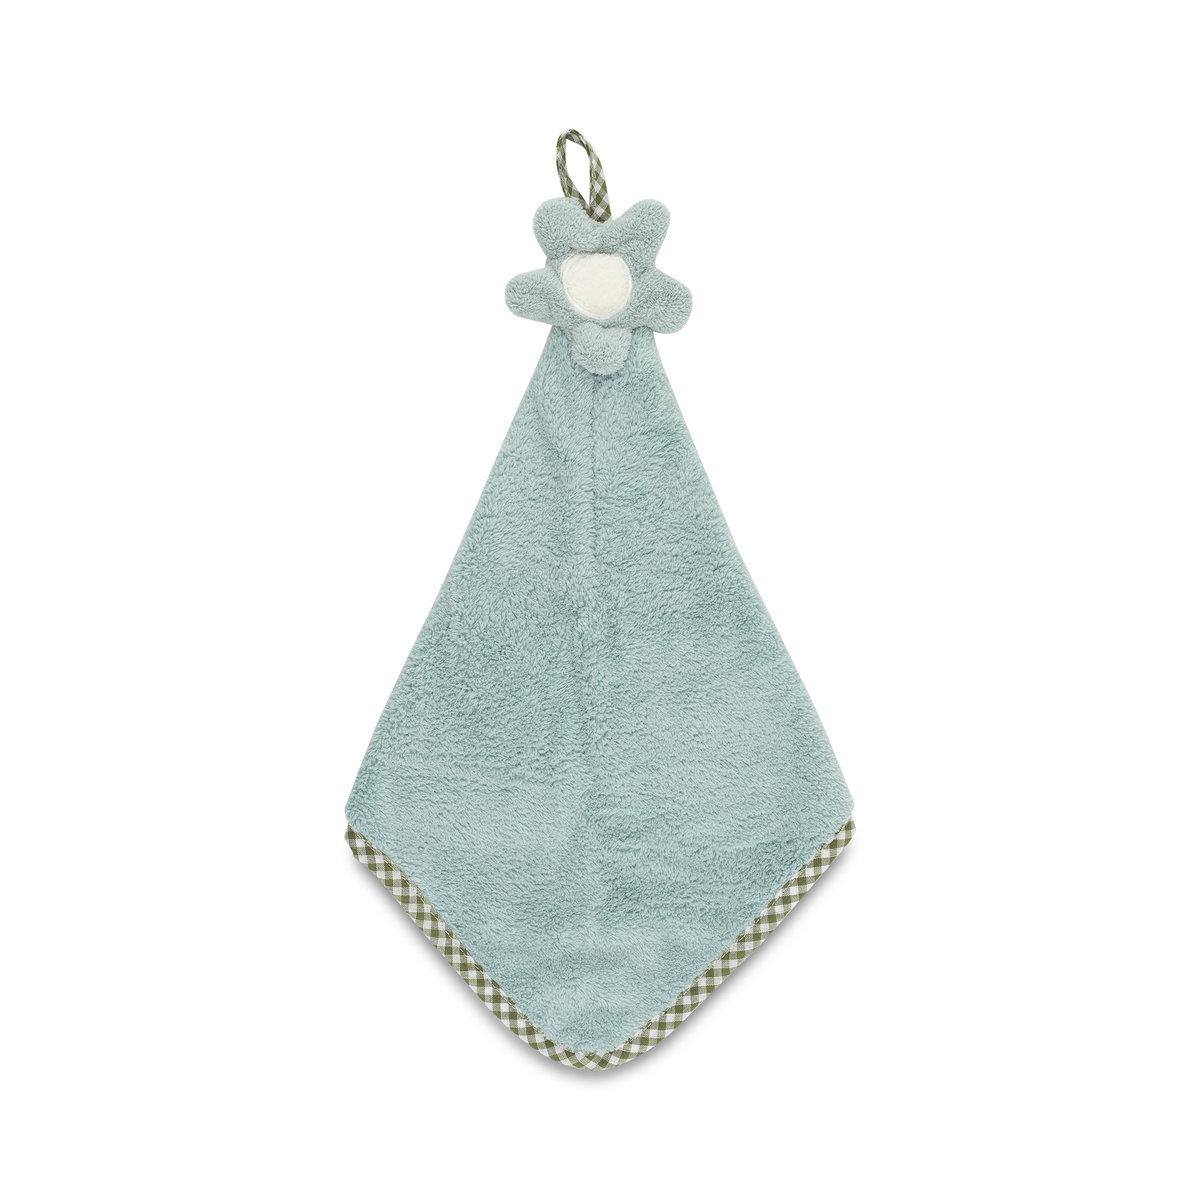 可掛式廚房抹手布(綠色) - KT1S1830GR